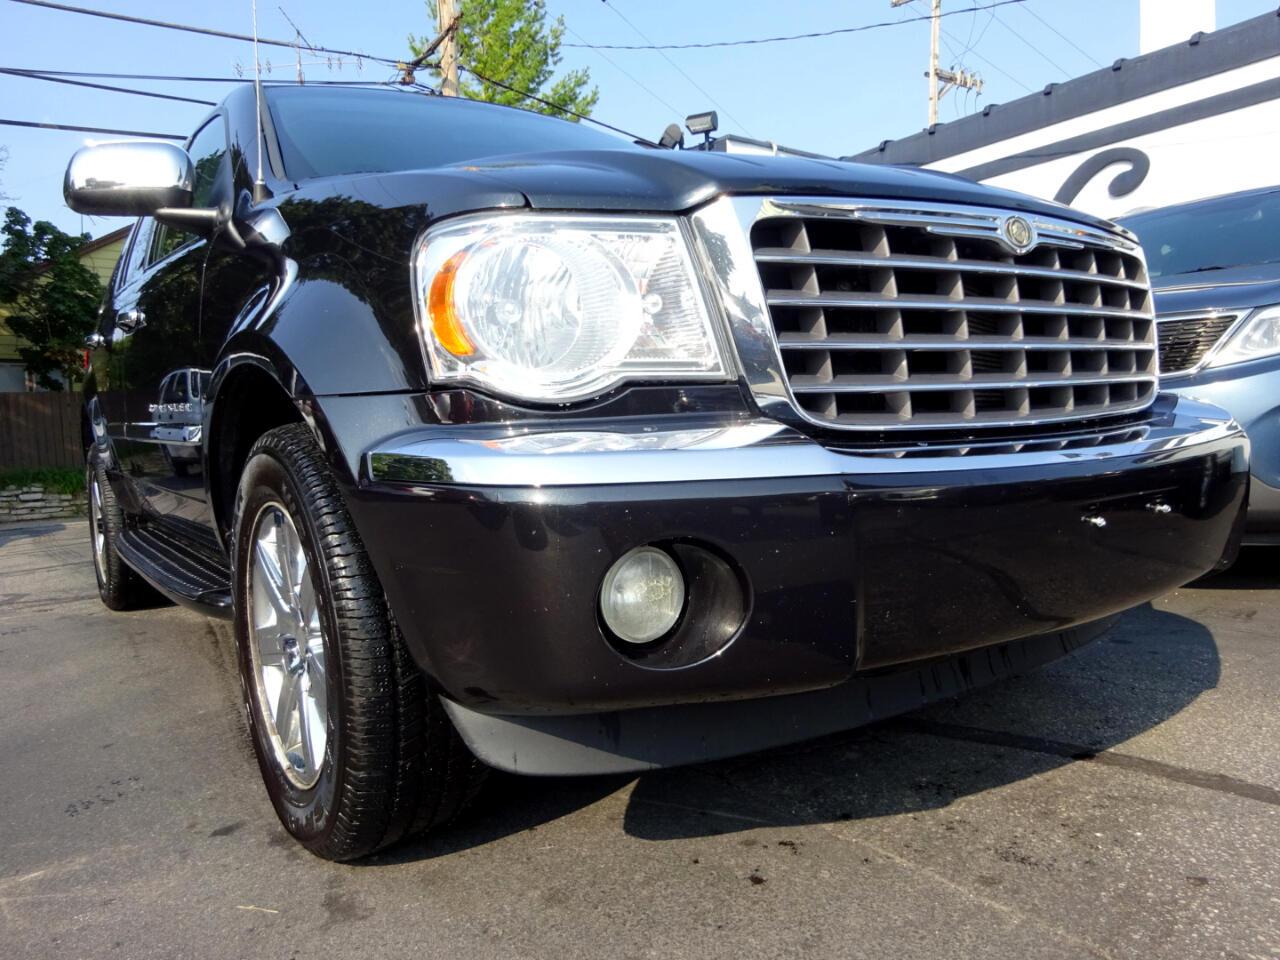 Chrysler Aspen AWD 4dr Limited 2009